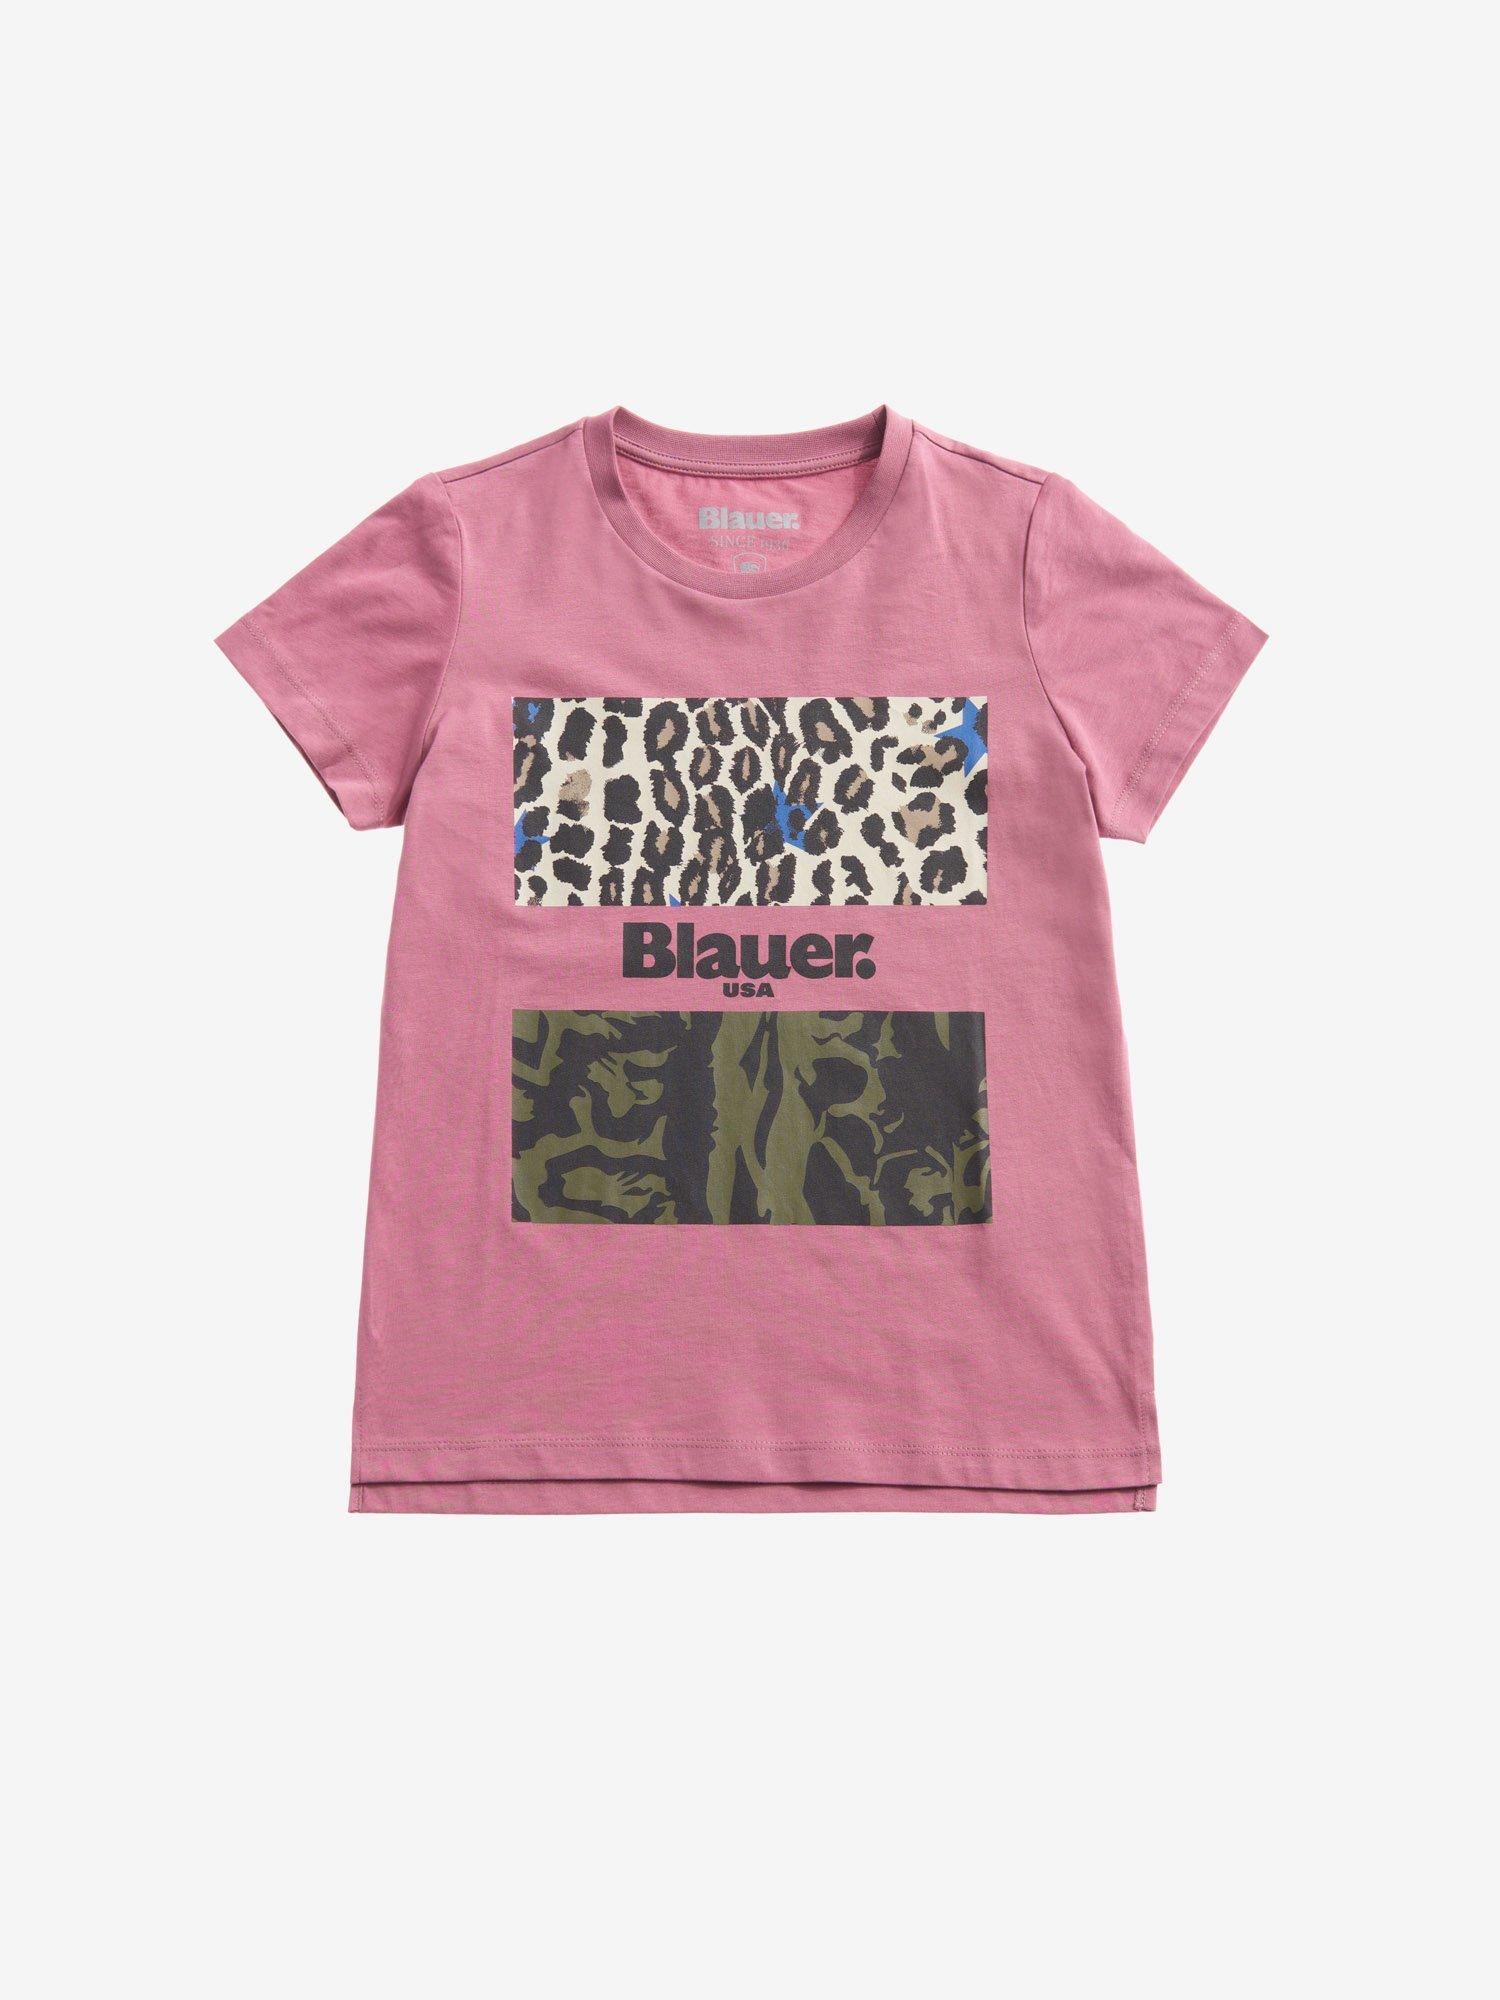 Blauer - T-SHIRT CAMOUFLAGE ANIMALIER POUR FILLE - Pink Heather - Blauer